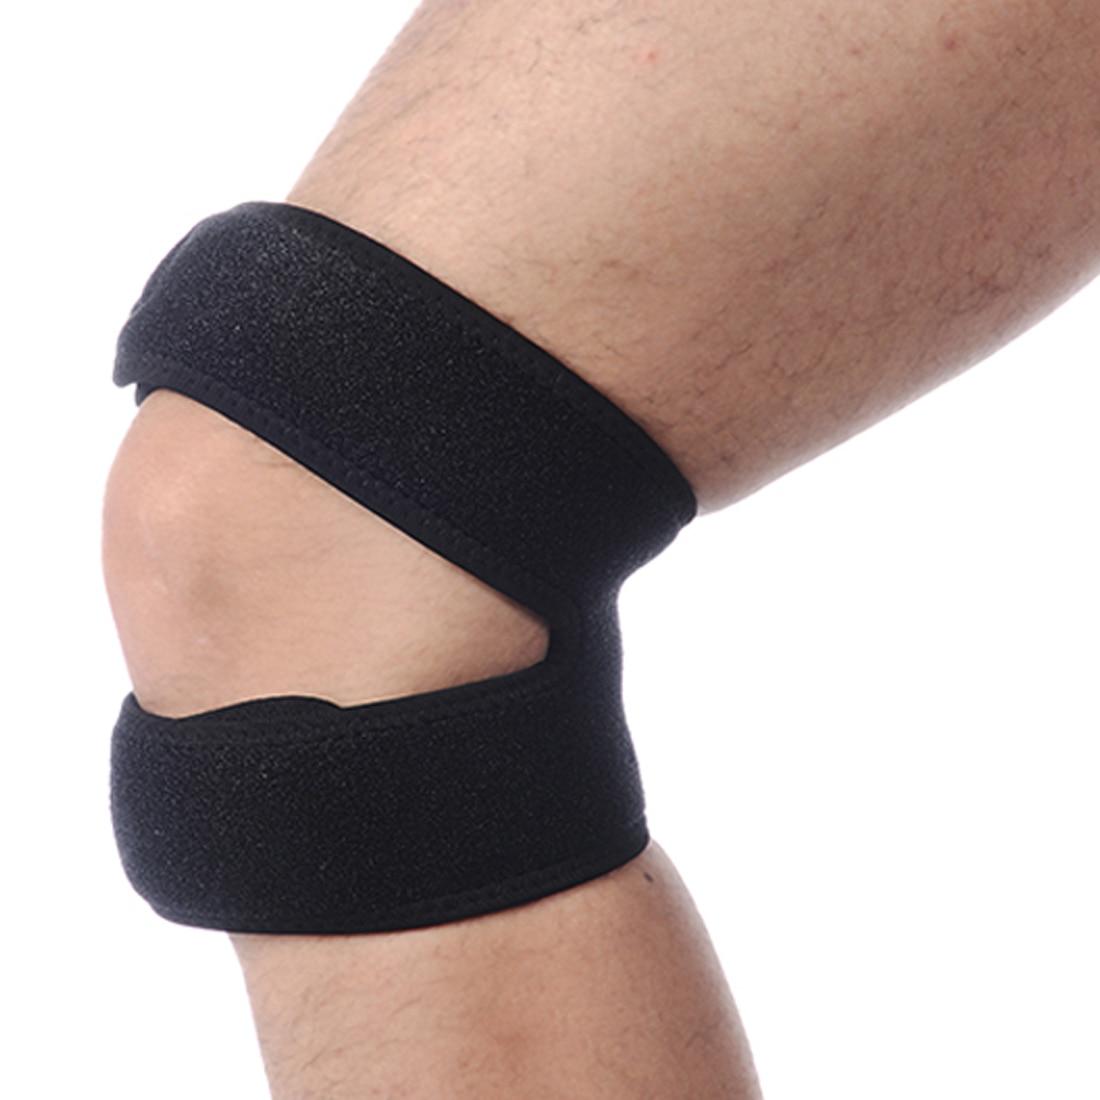 Adjust Padded Knee Support Patella Brace Bandage Tendon Strap Belt Jumper GYM